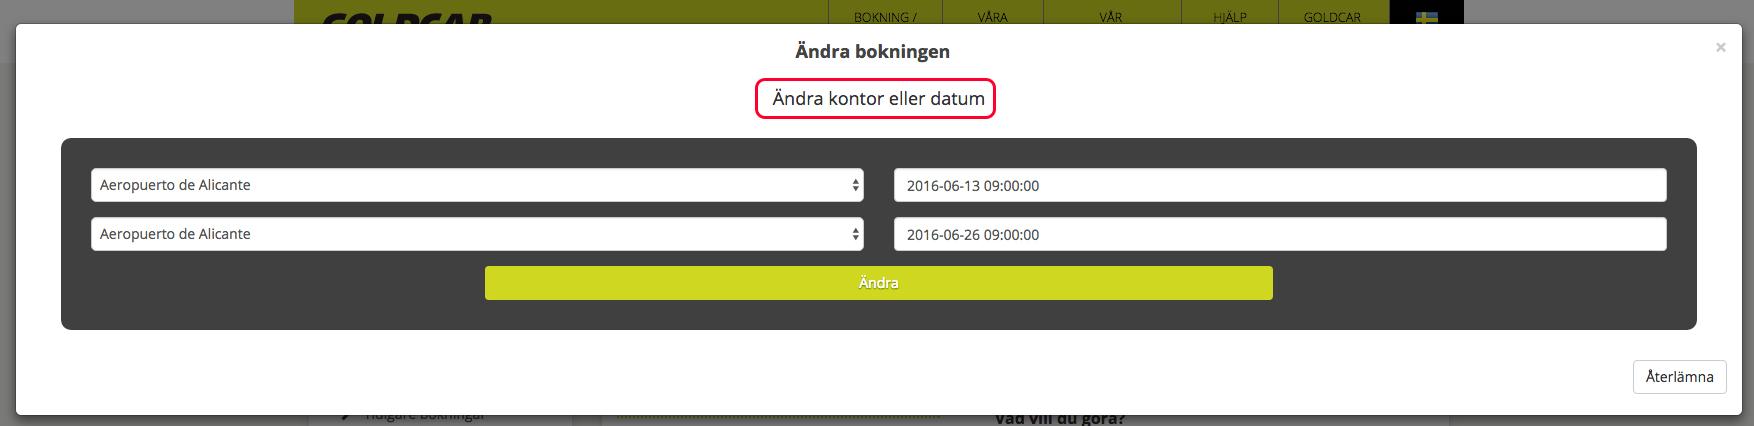 Hur kan jag ändra på min bokning? (Ändra datum, ändra fordon, lägg till eller ta bort tillbehör…) (5)